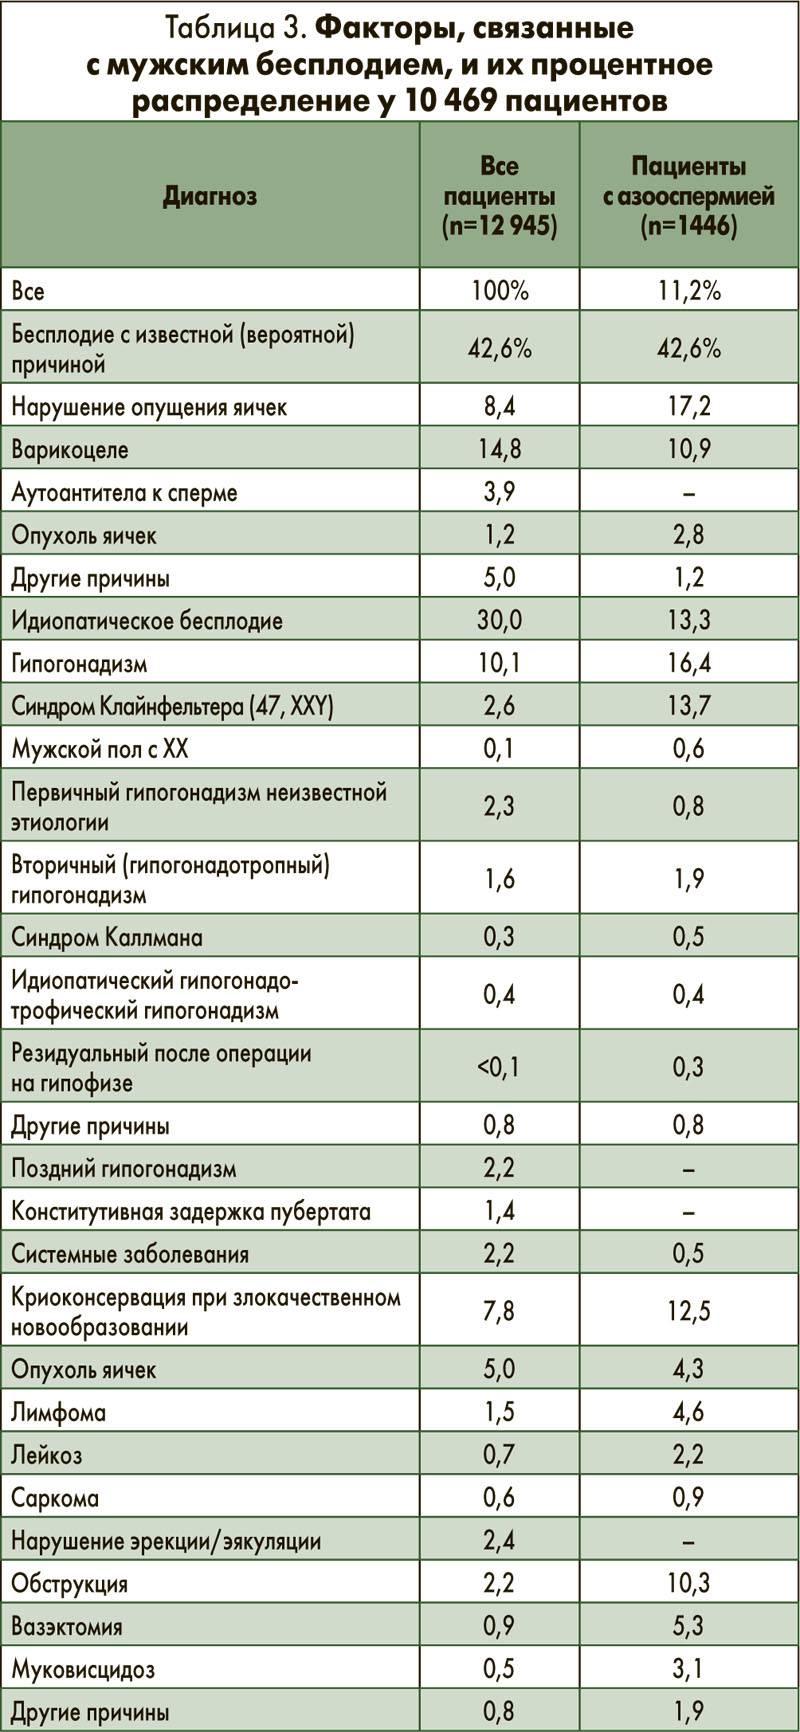 Олигоастенотератозооспермия: причины, лечение, профилактика